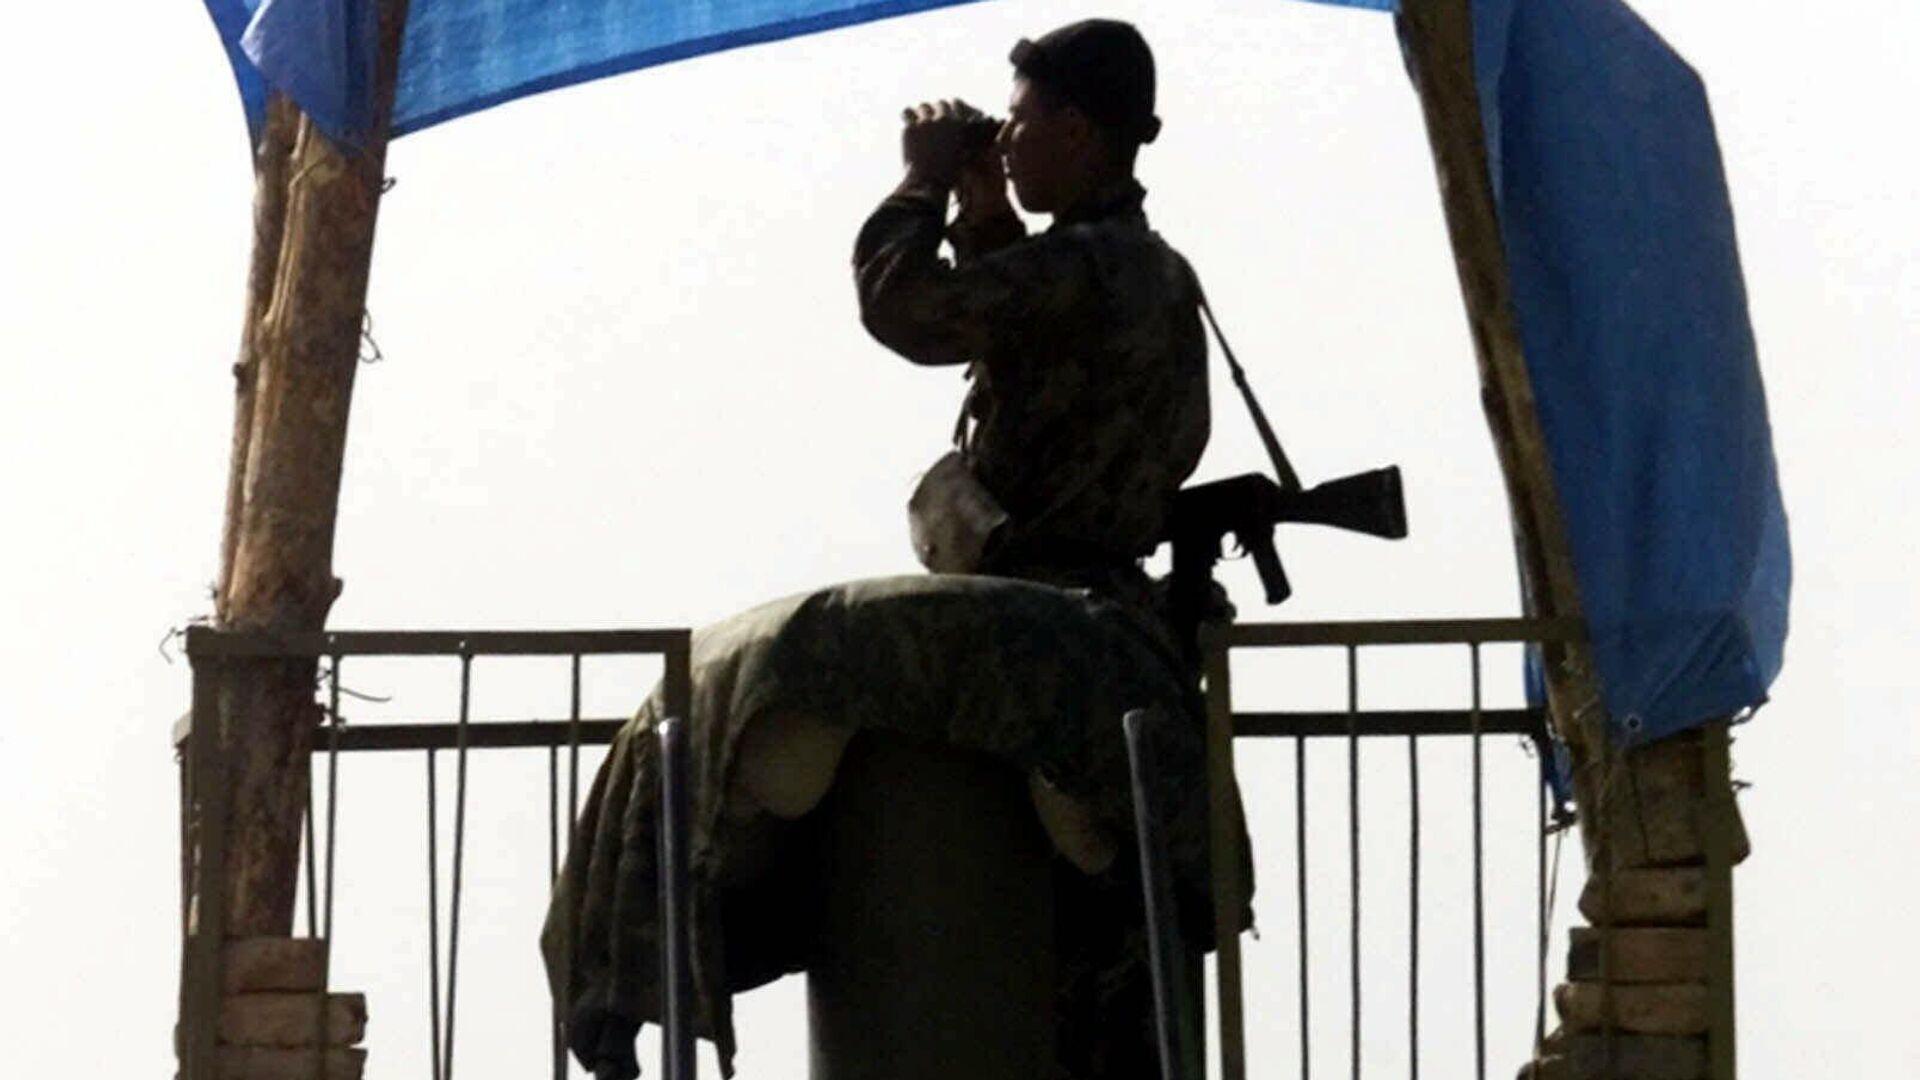 Пограничник ВС РФ наблюдает в бинокль за афгано-таджикской границей - Sputnik Узбекистан, 1920, 07.07.2021